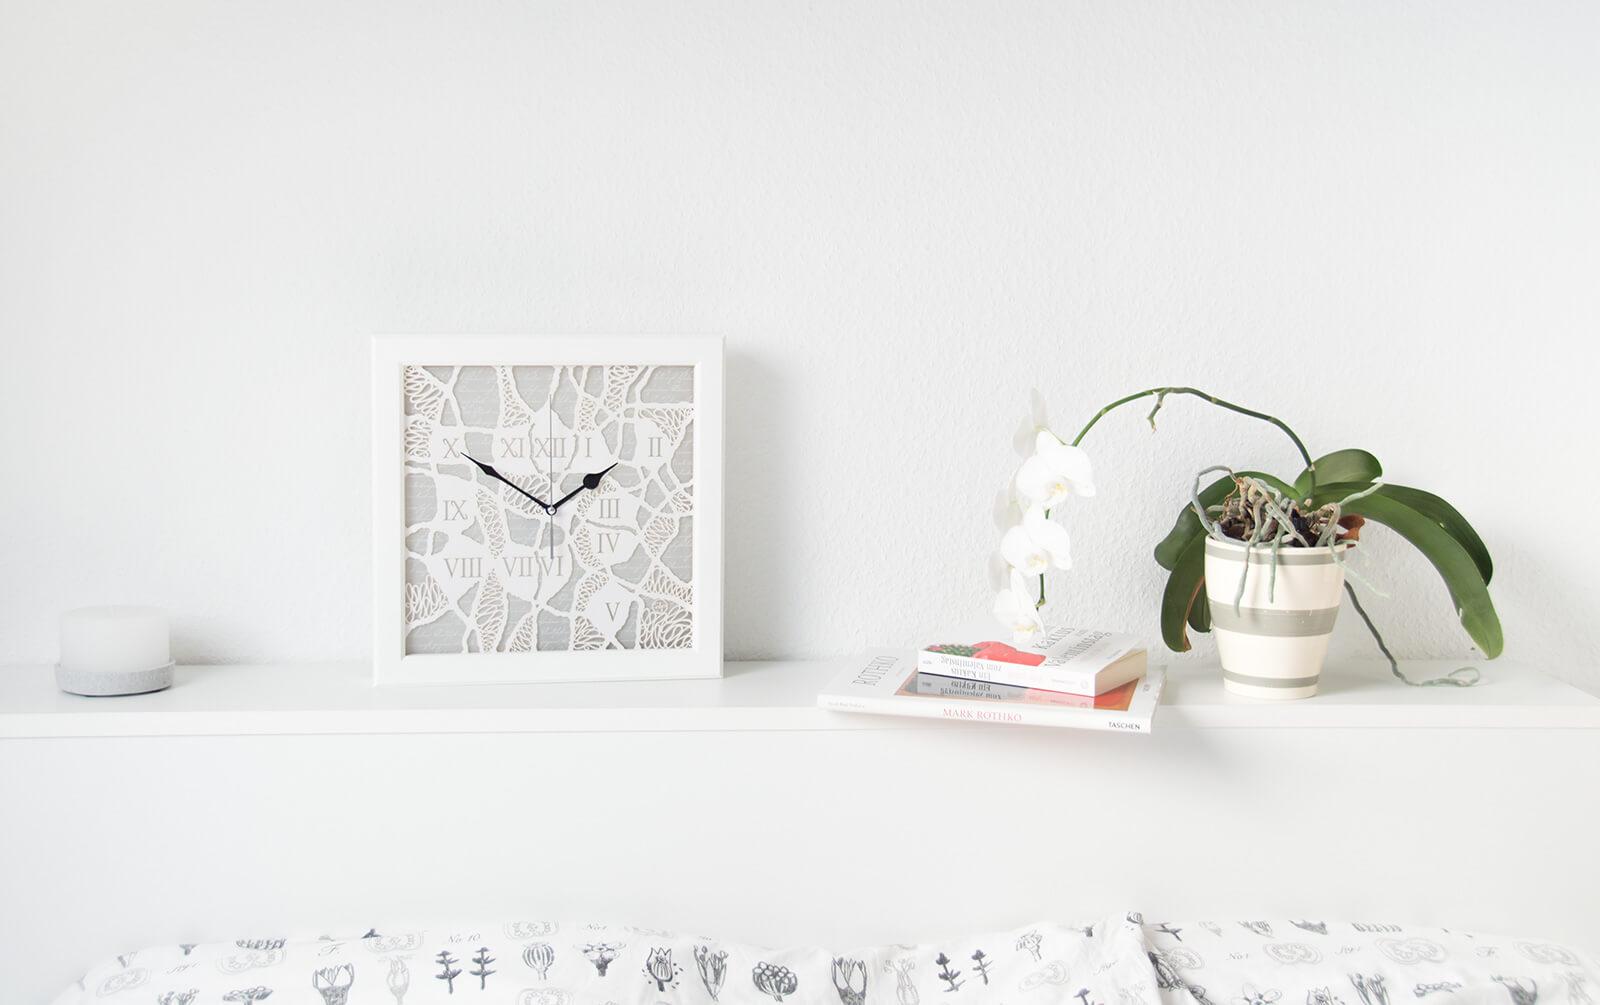 Originelle wanduhr mit beleuchtung antarktika wanduhren design atelier - Originelle wanduhr ...